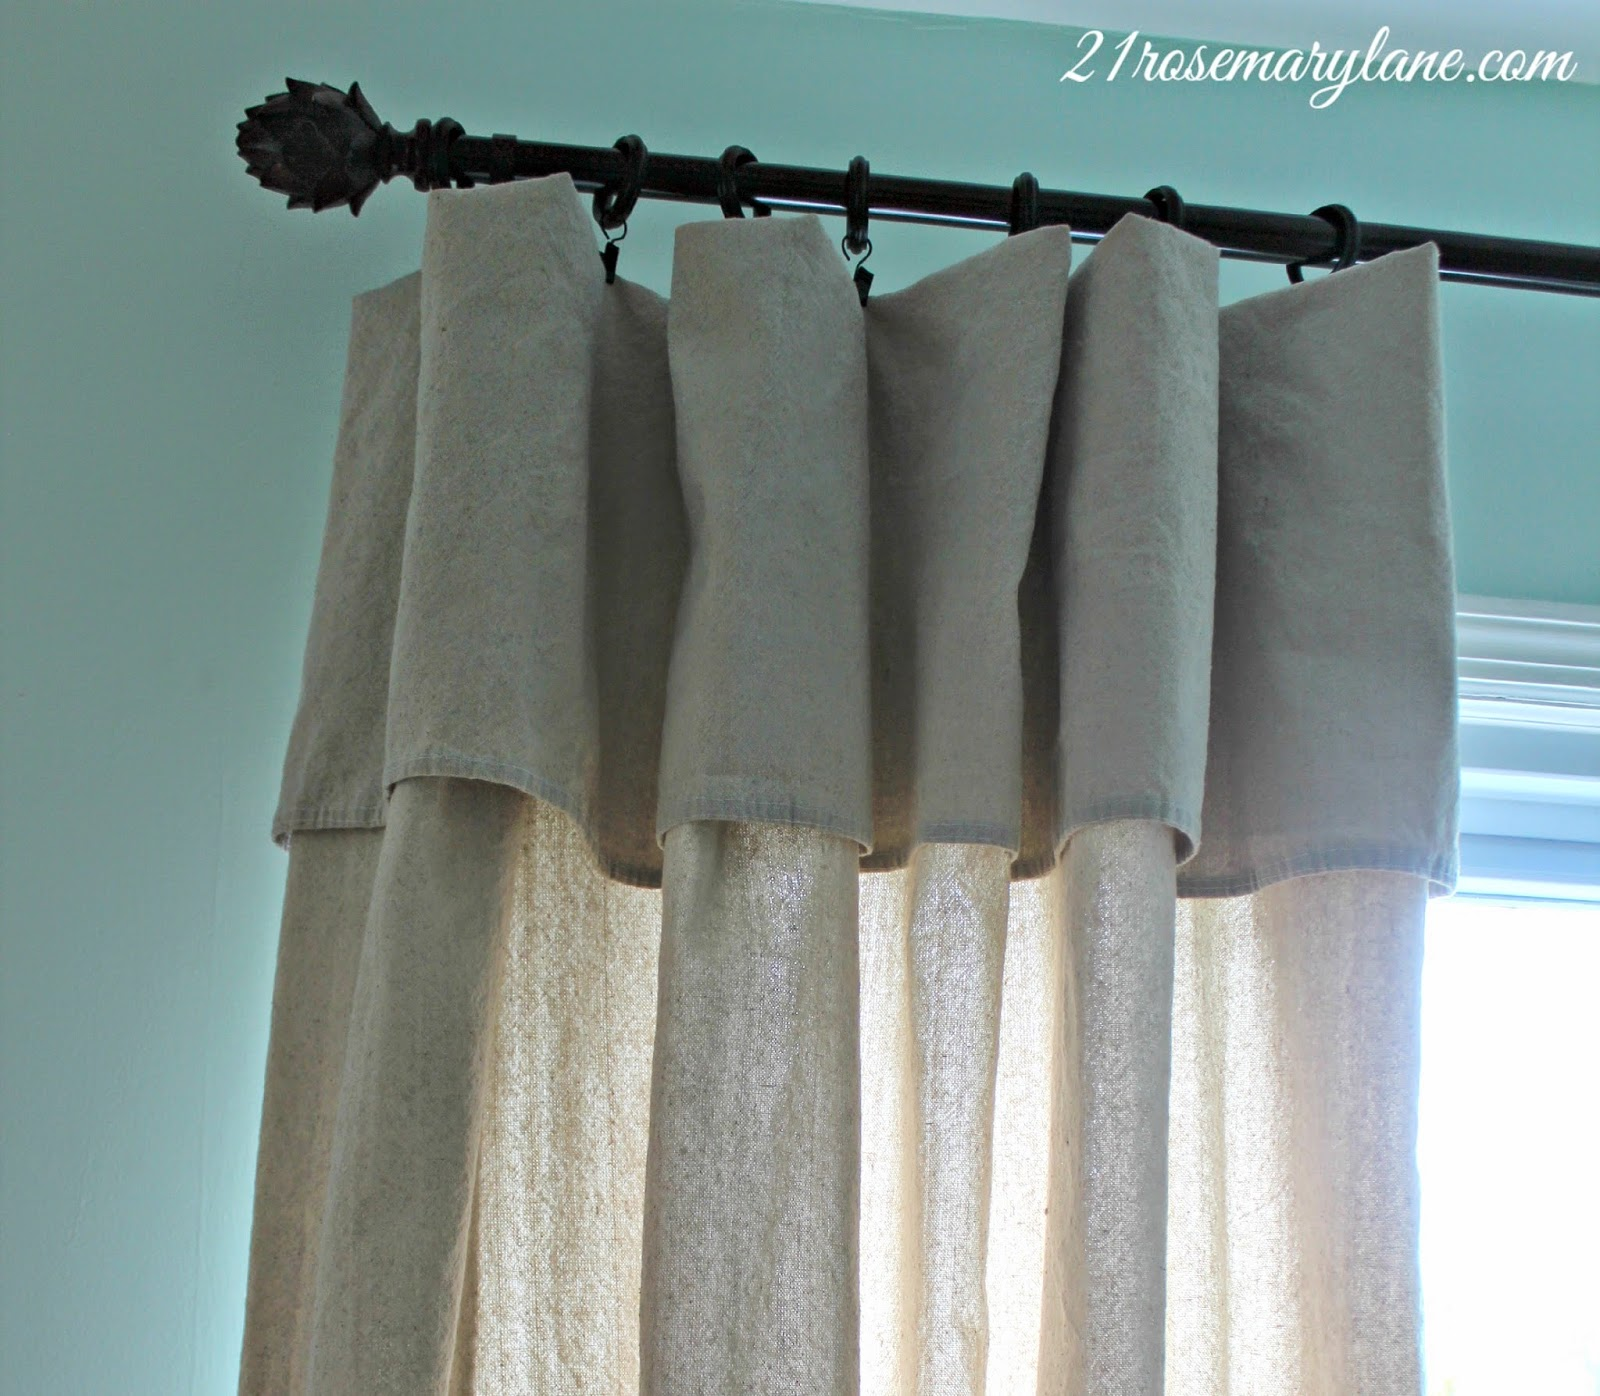 21 rosemary lane no sew drop cloth drapes they really